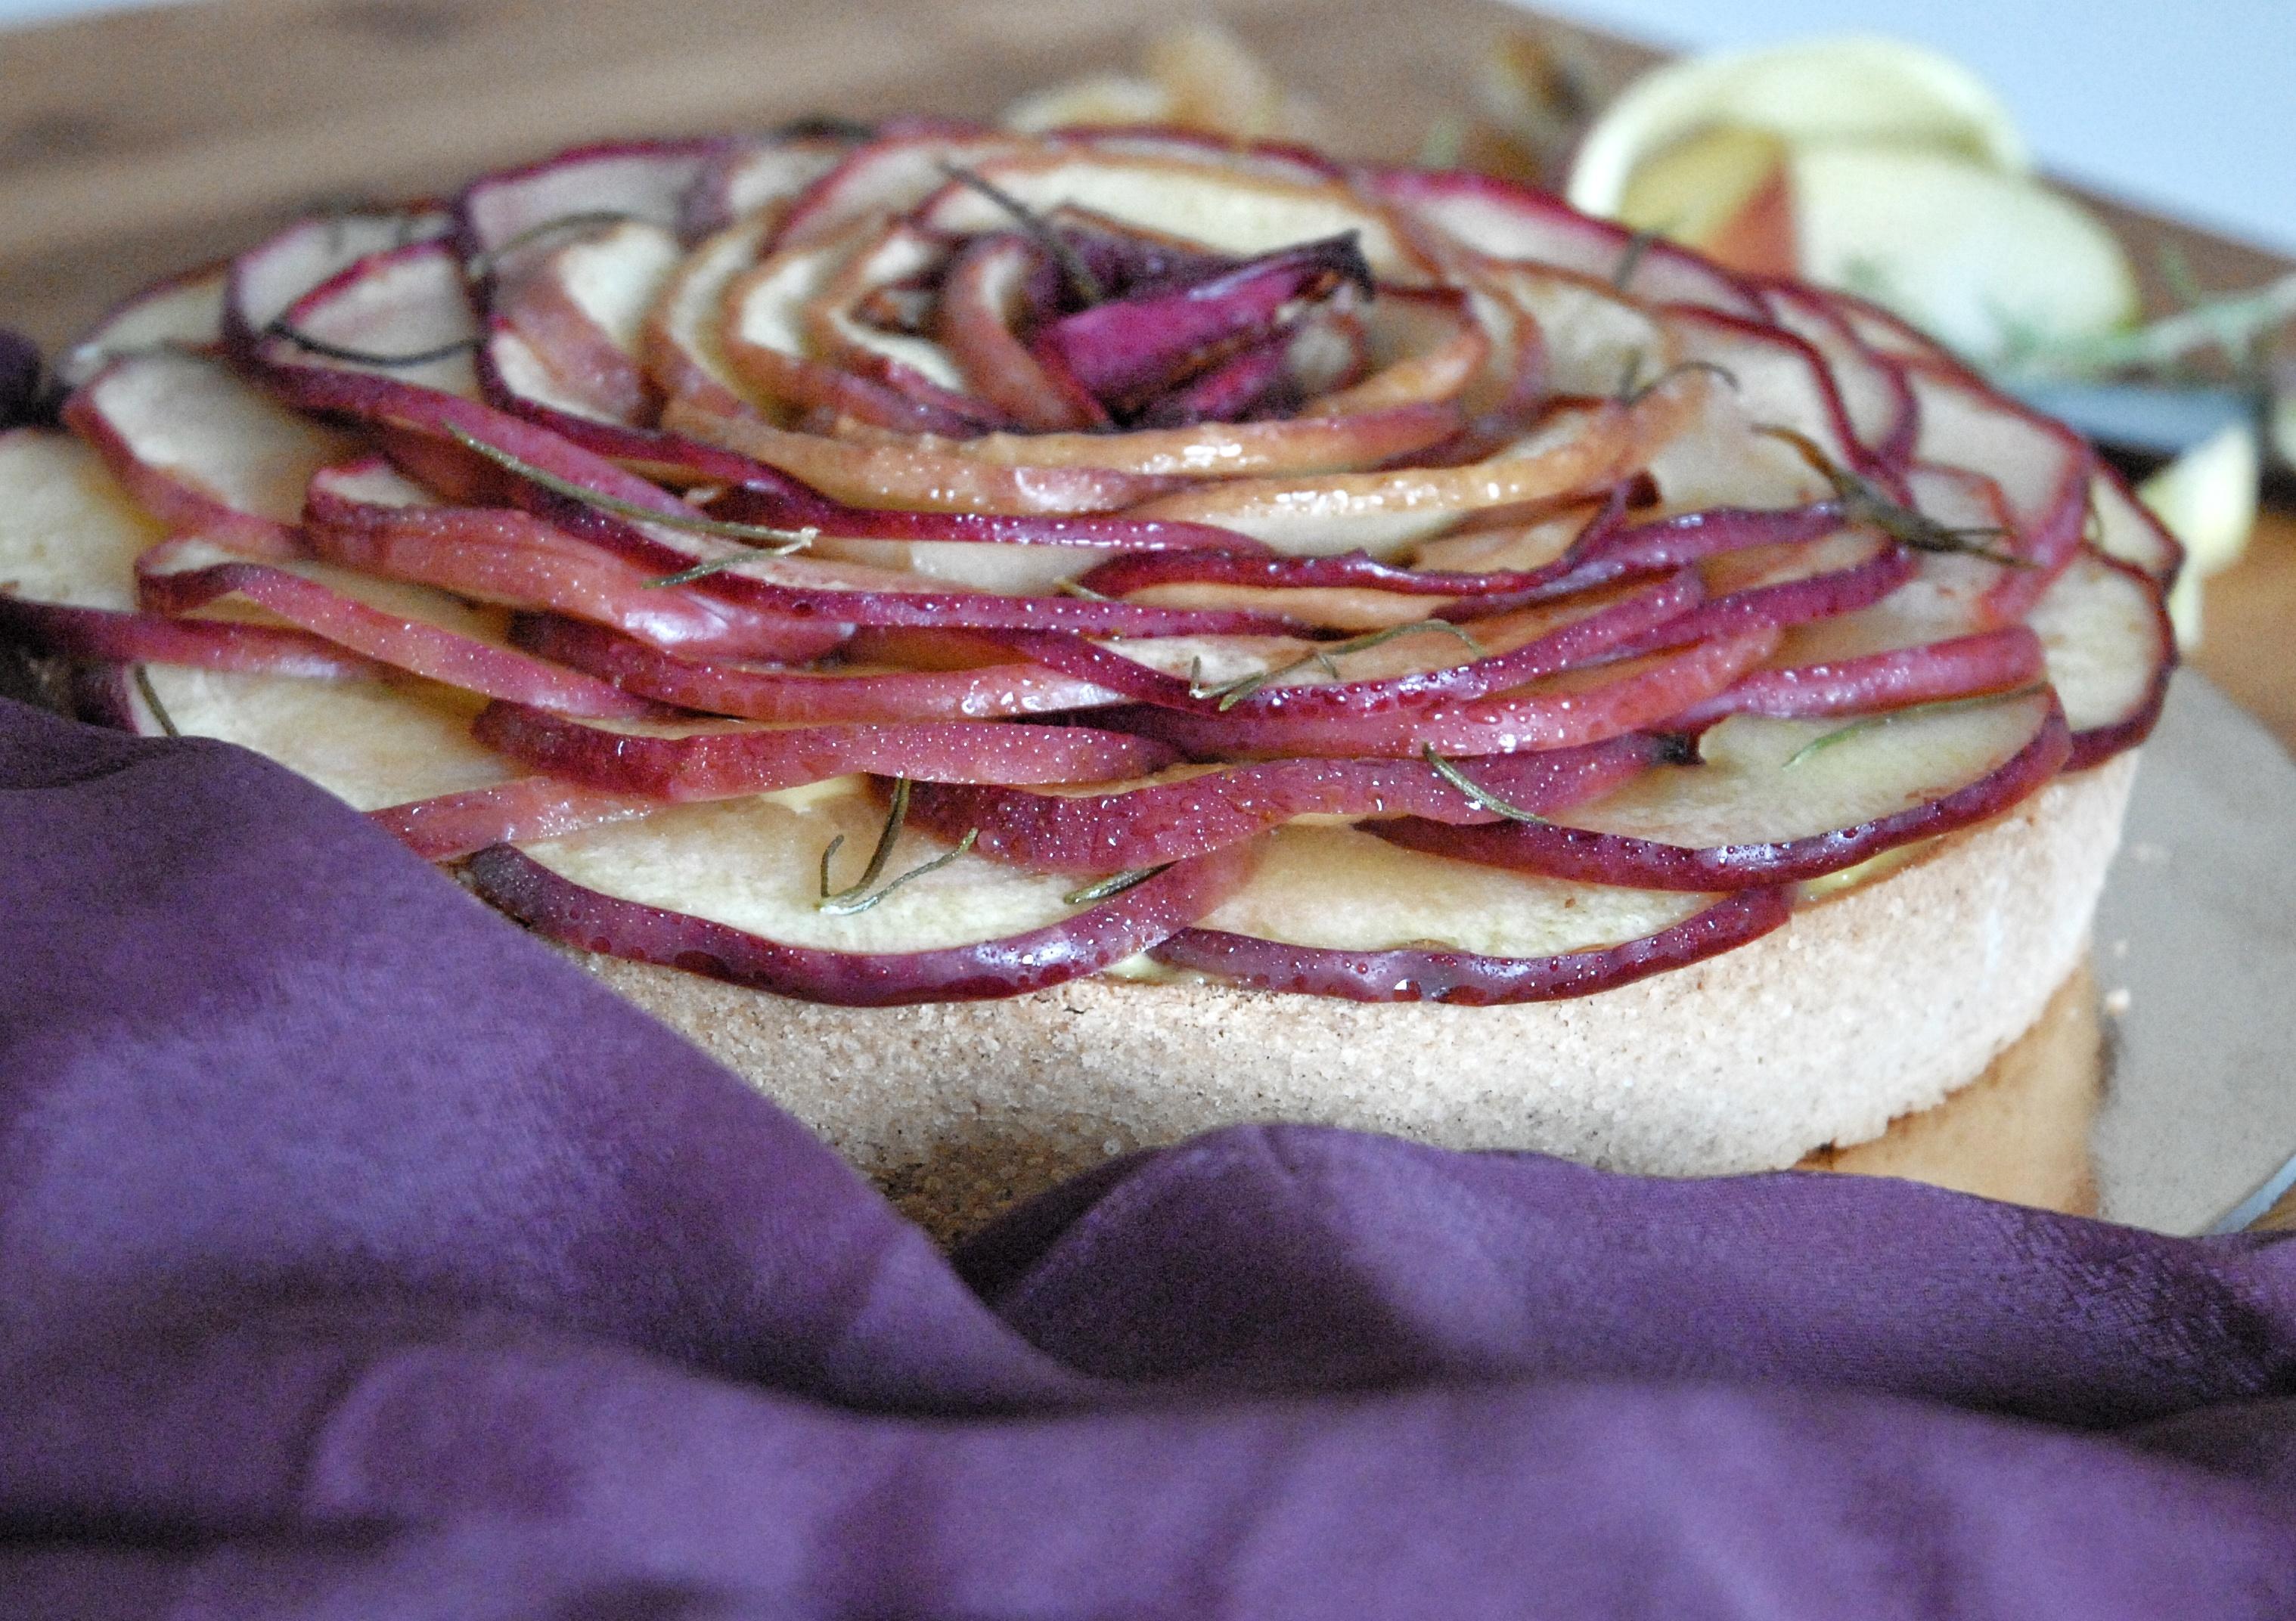 Crostata alla castagna con crema, mele e rosmarino